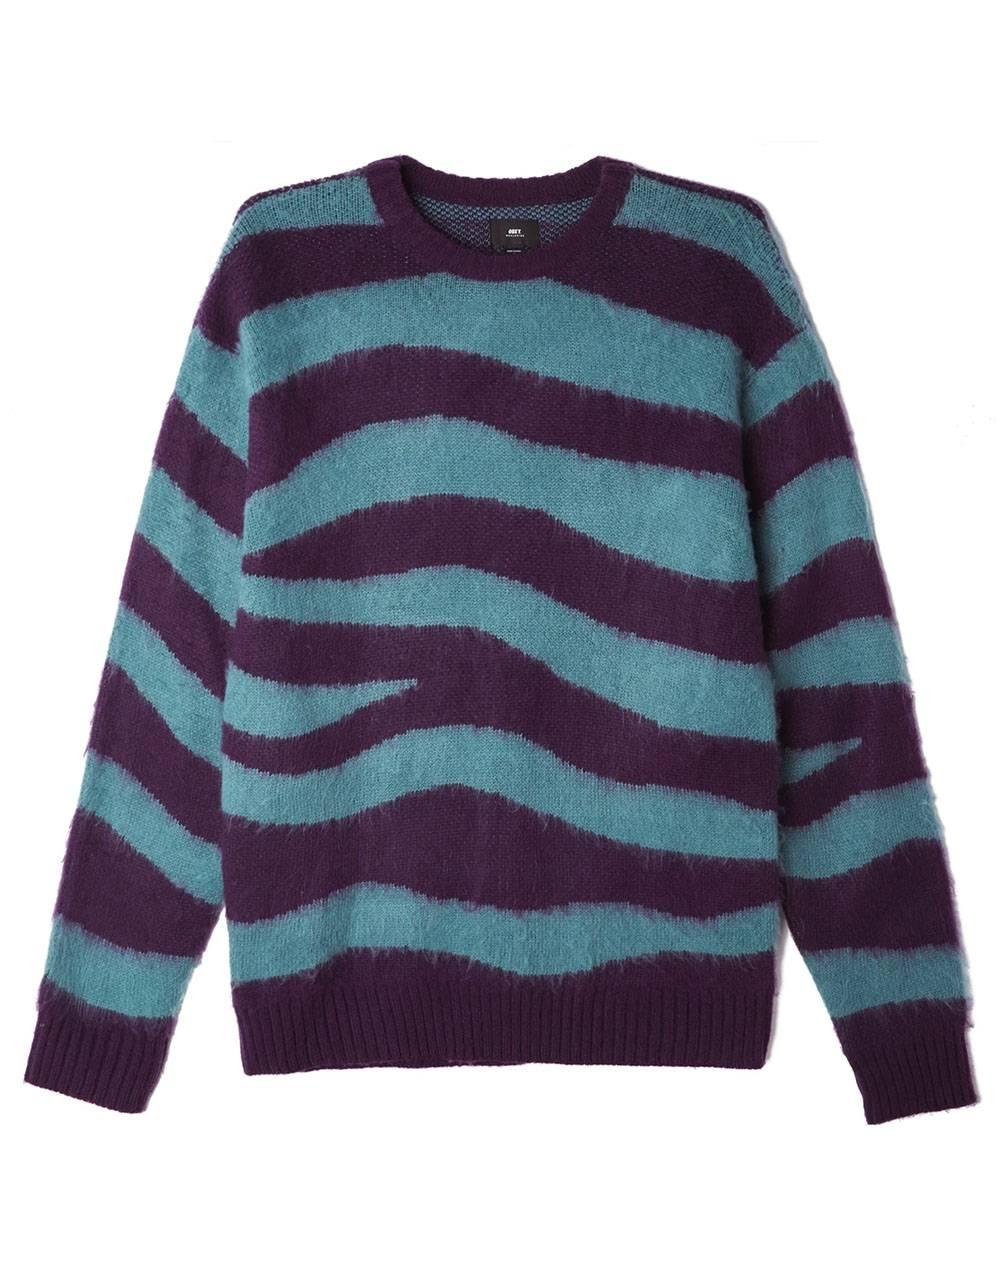 Obey Dream sweater - green multi obey Knitwear 90,16€